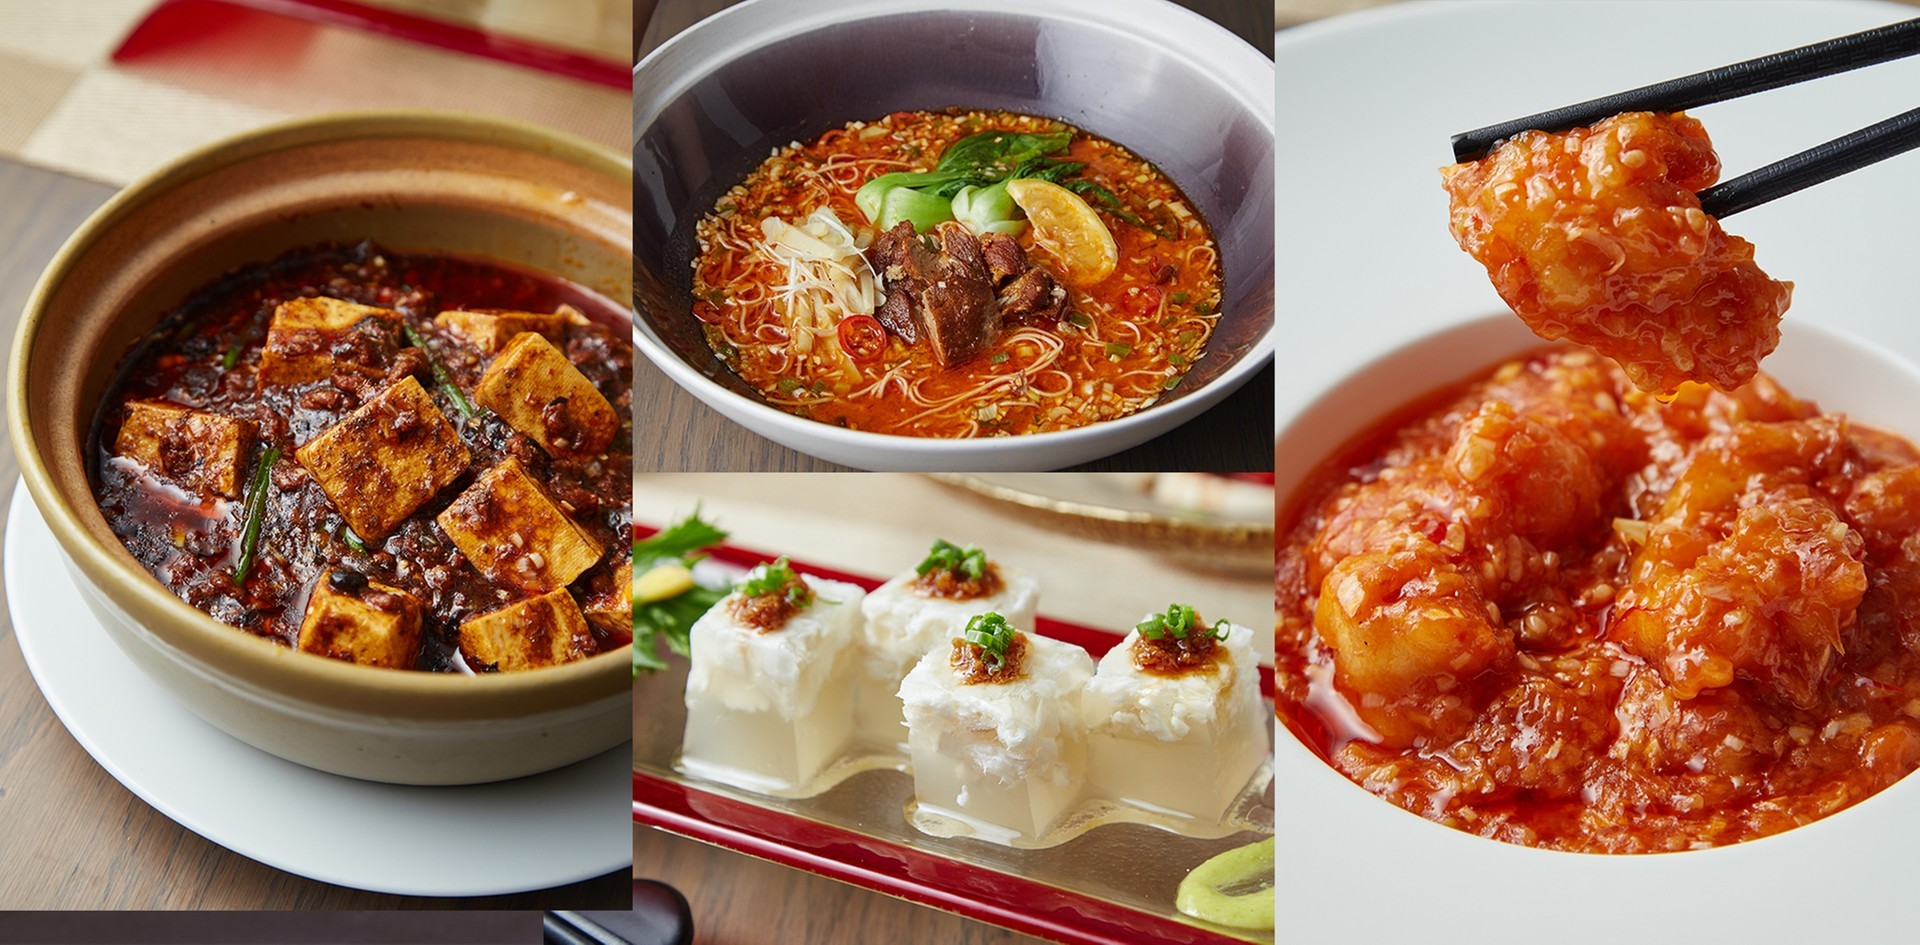 """ฟินหนัก! 7 เมนูอาหารจีนจากเชฟกระทะเหล็ก รสเด็ดดีต่อสุขภาพ """"Miyu Ginza"""""""